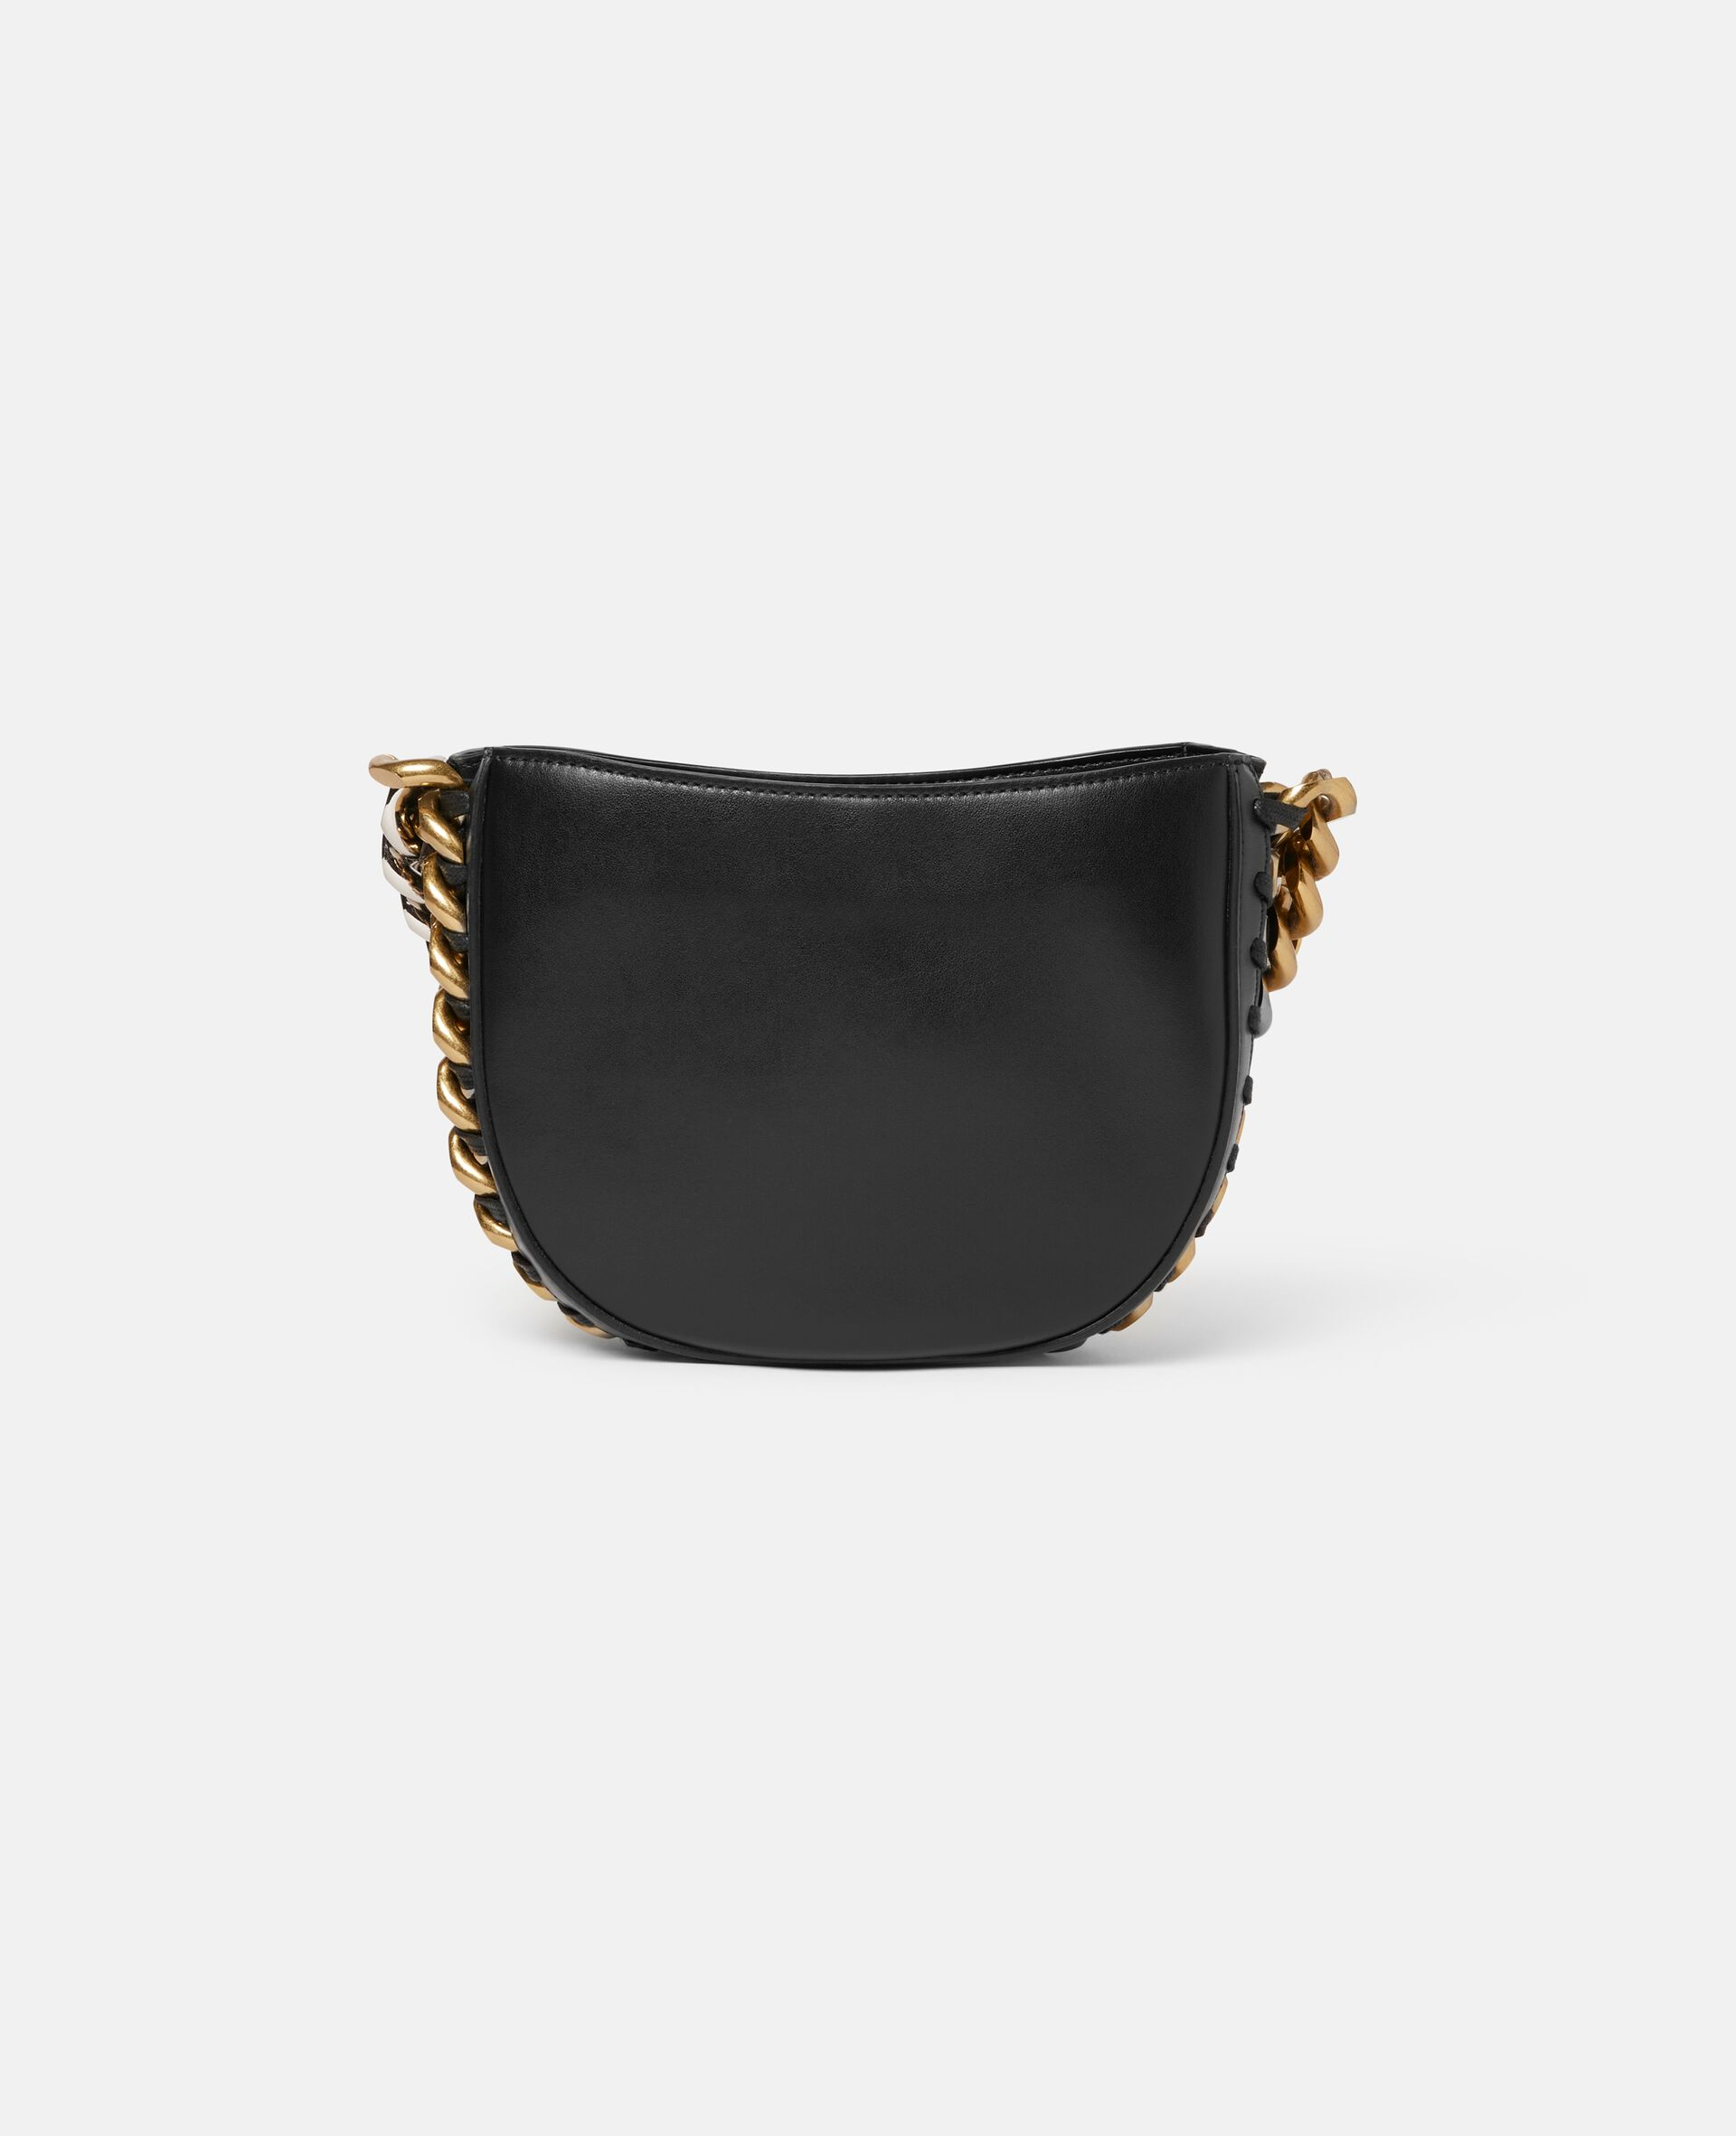 Frayme Small Shoulder Bag-Black-large image number 2